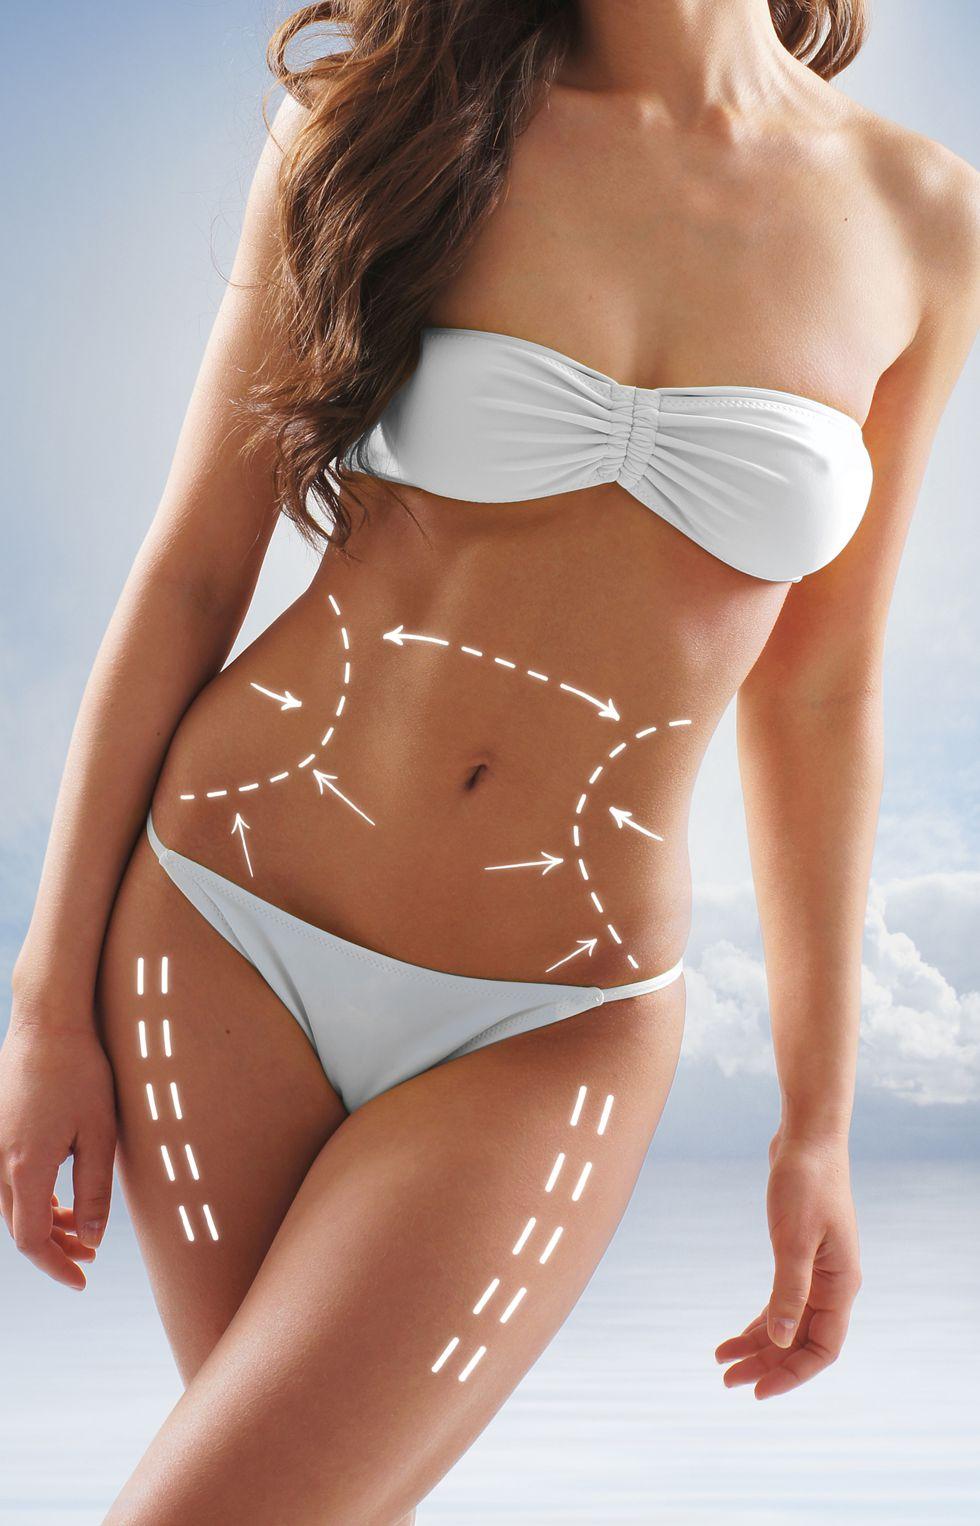 Cristal Beauty chirurgia plastica a torino